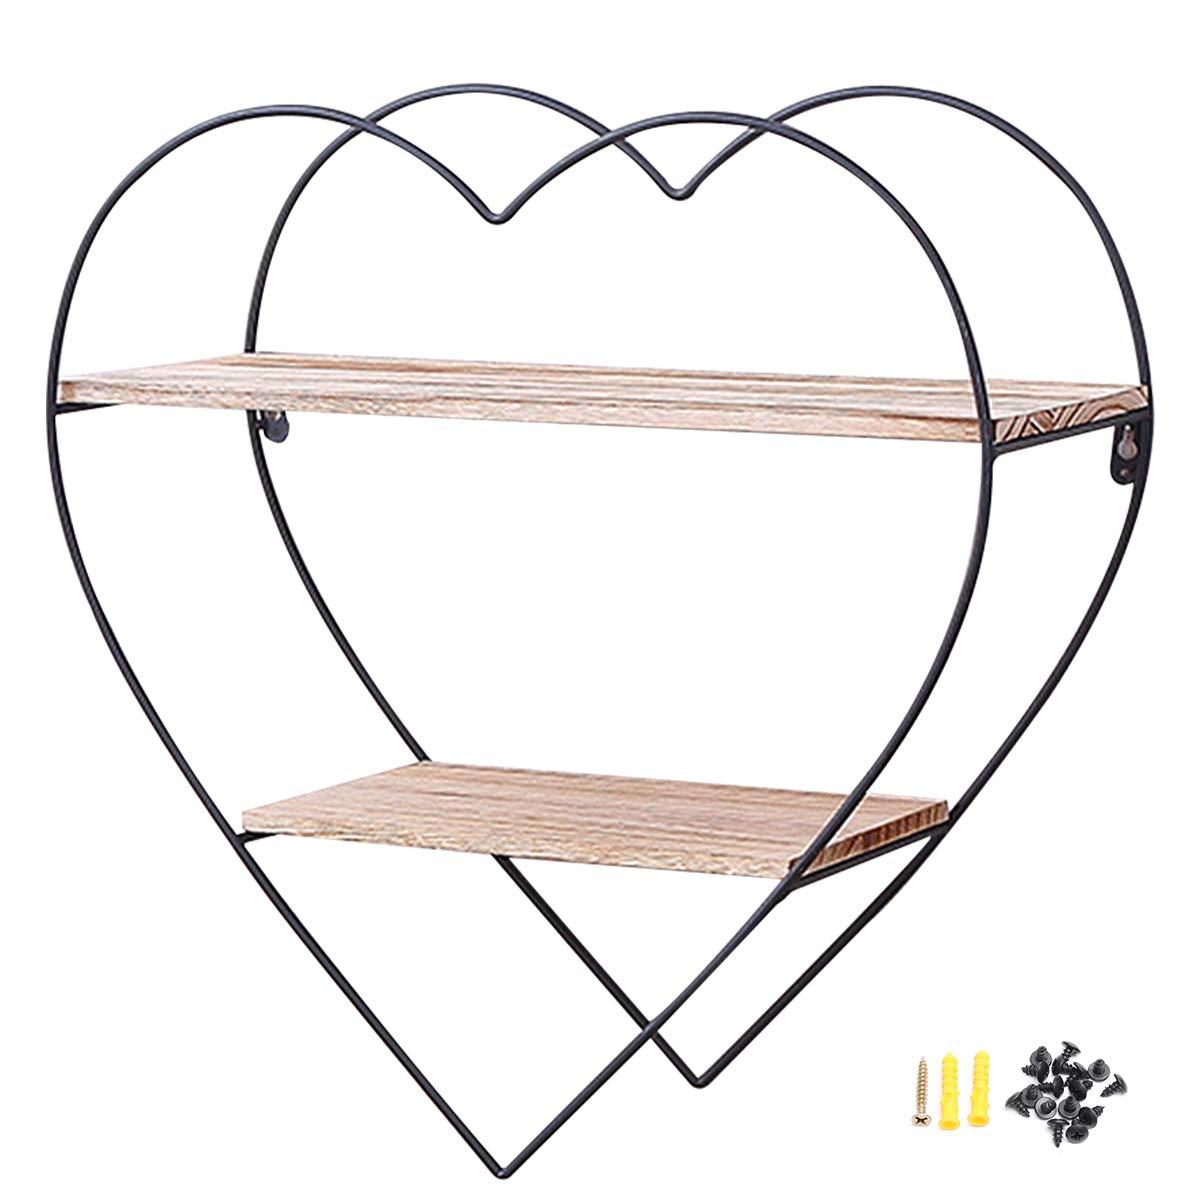 KING DO WAY Design Wandregal 50cm - 3 Holz Ablagen - 50 x 50 x 19 cm Metall Hängeregal Vintage und Natur Stil, Bad Regal Küchenregal … (Diamant 3 Schichten) KING DO WAY Co. LTD